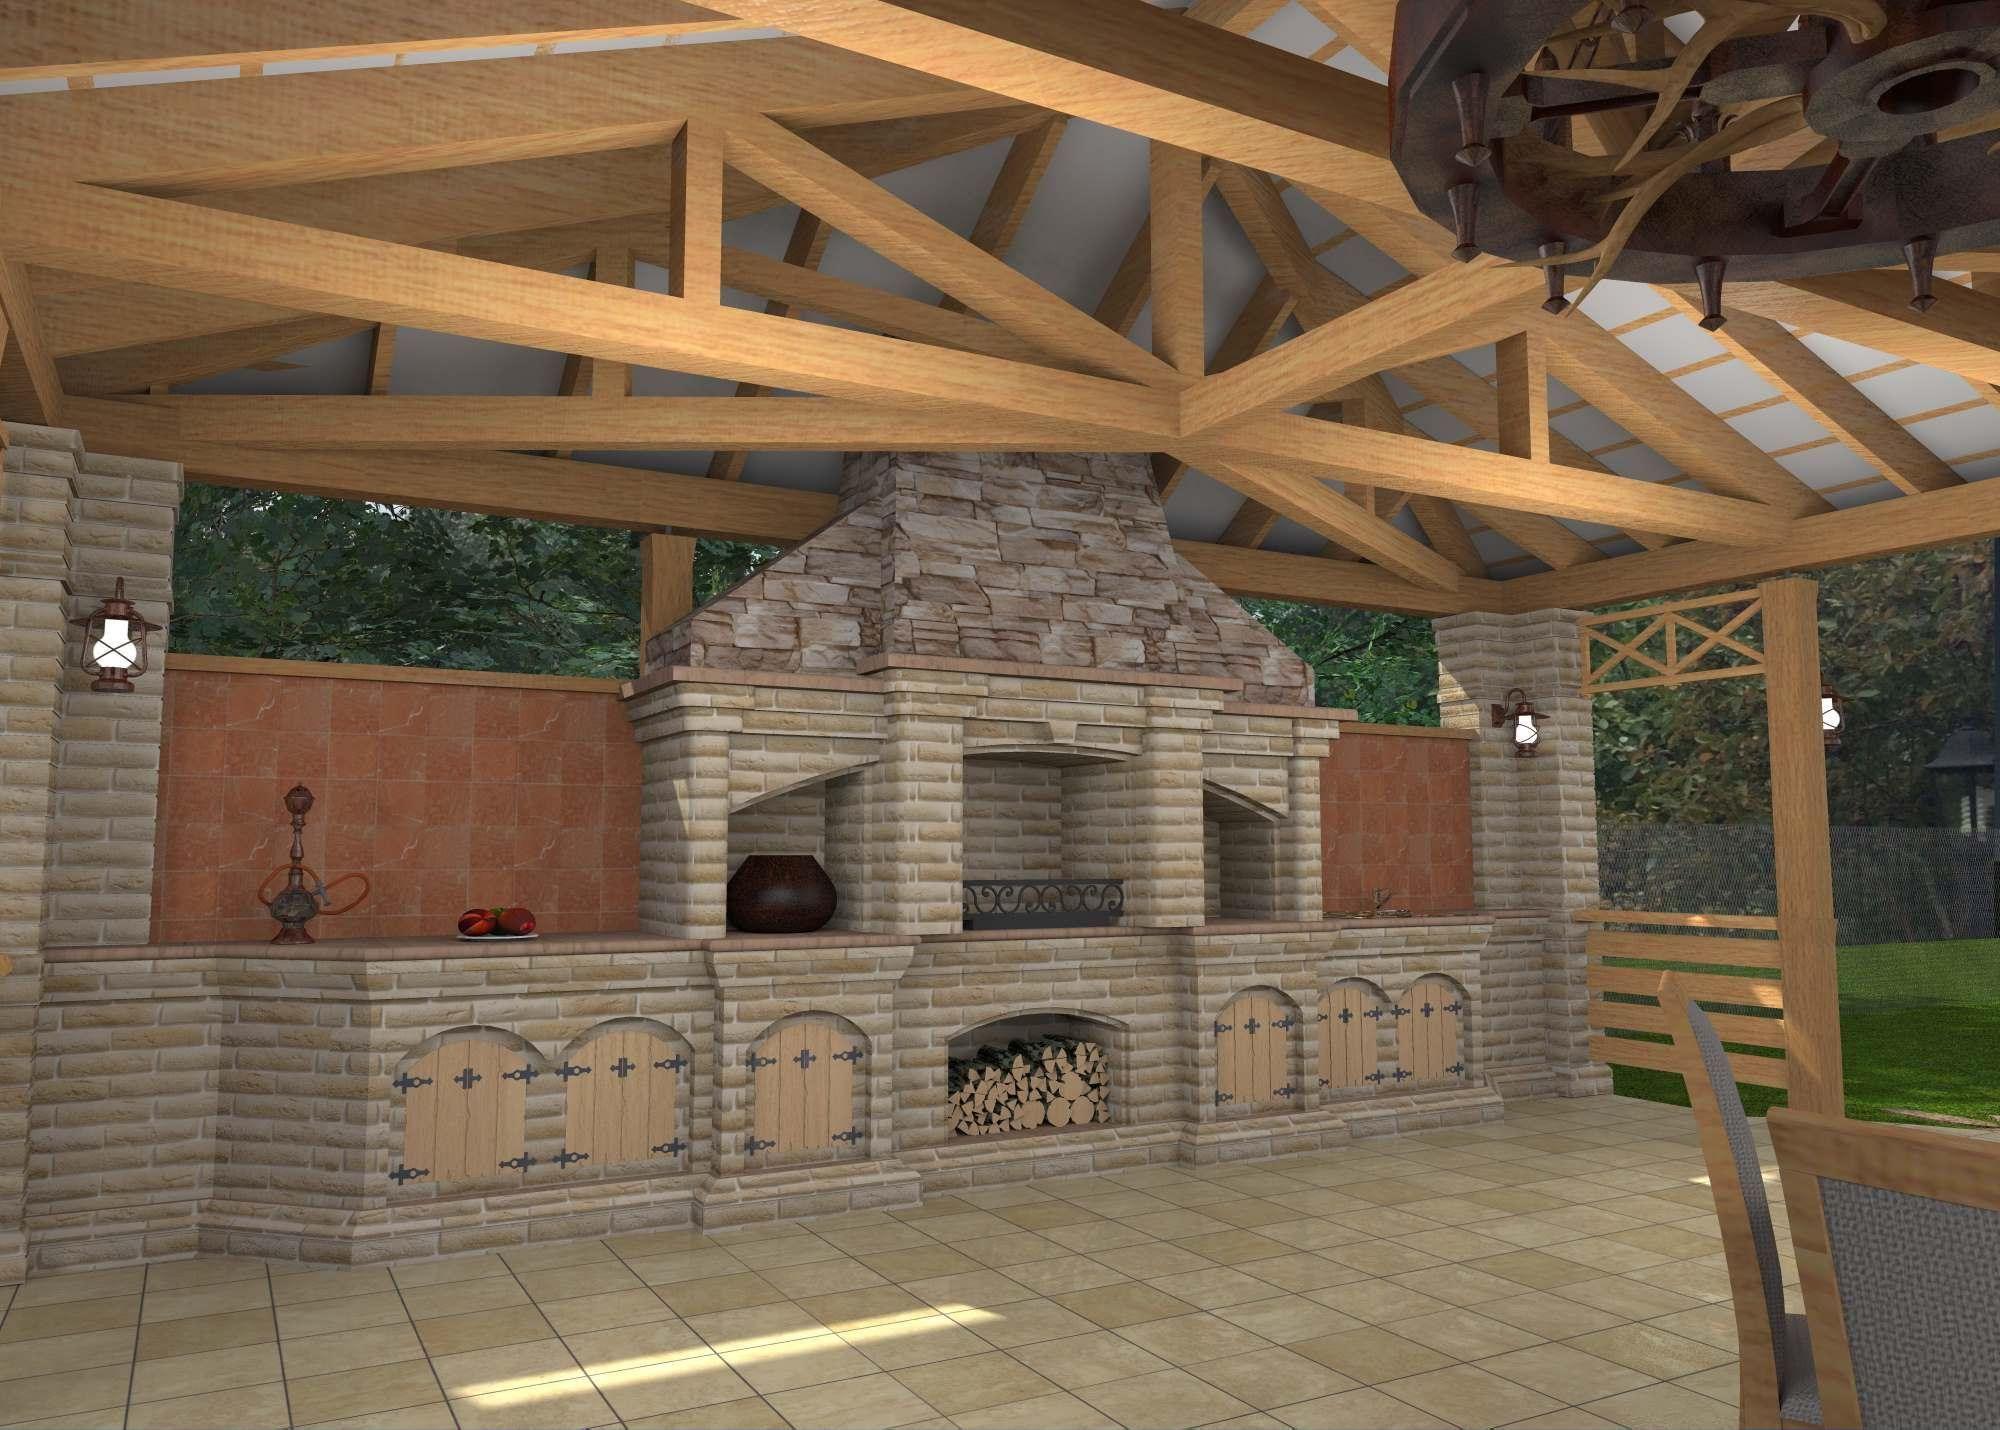 печь на веранде с мангалом